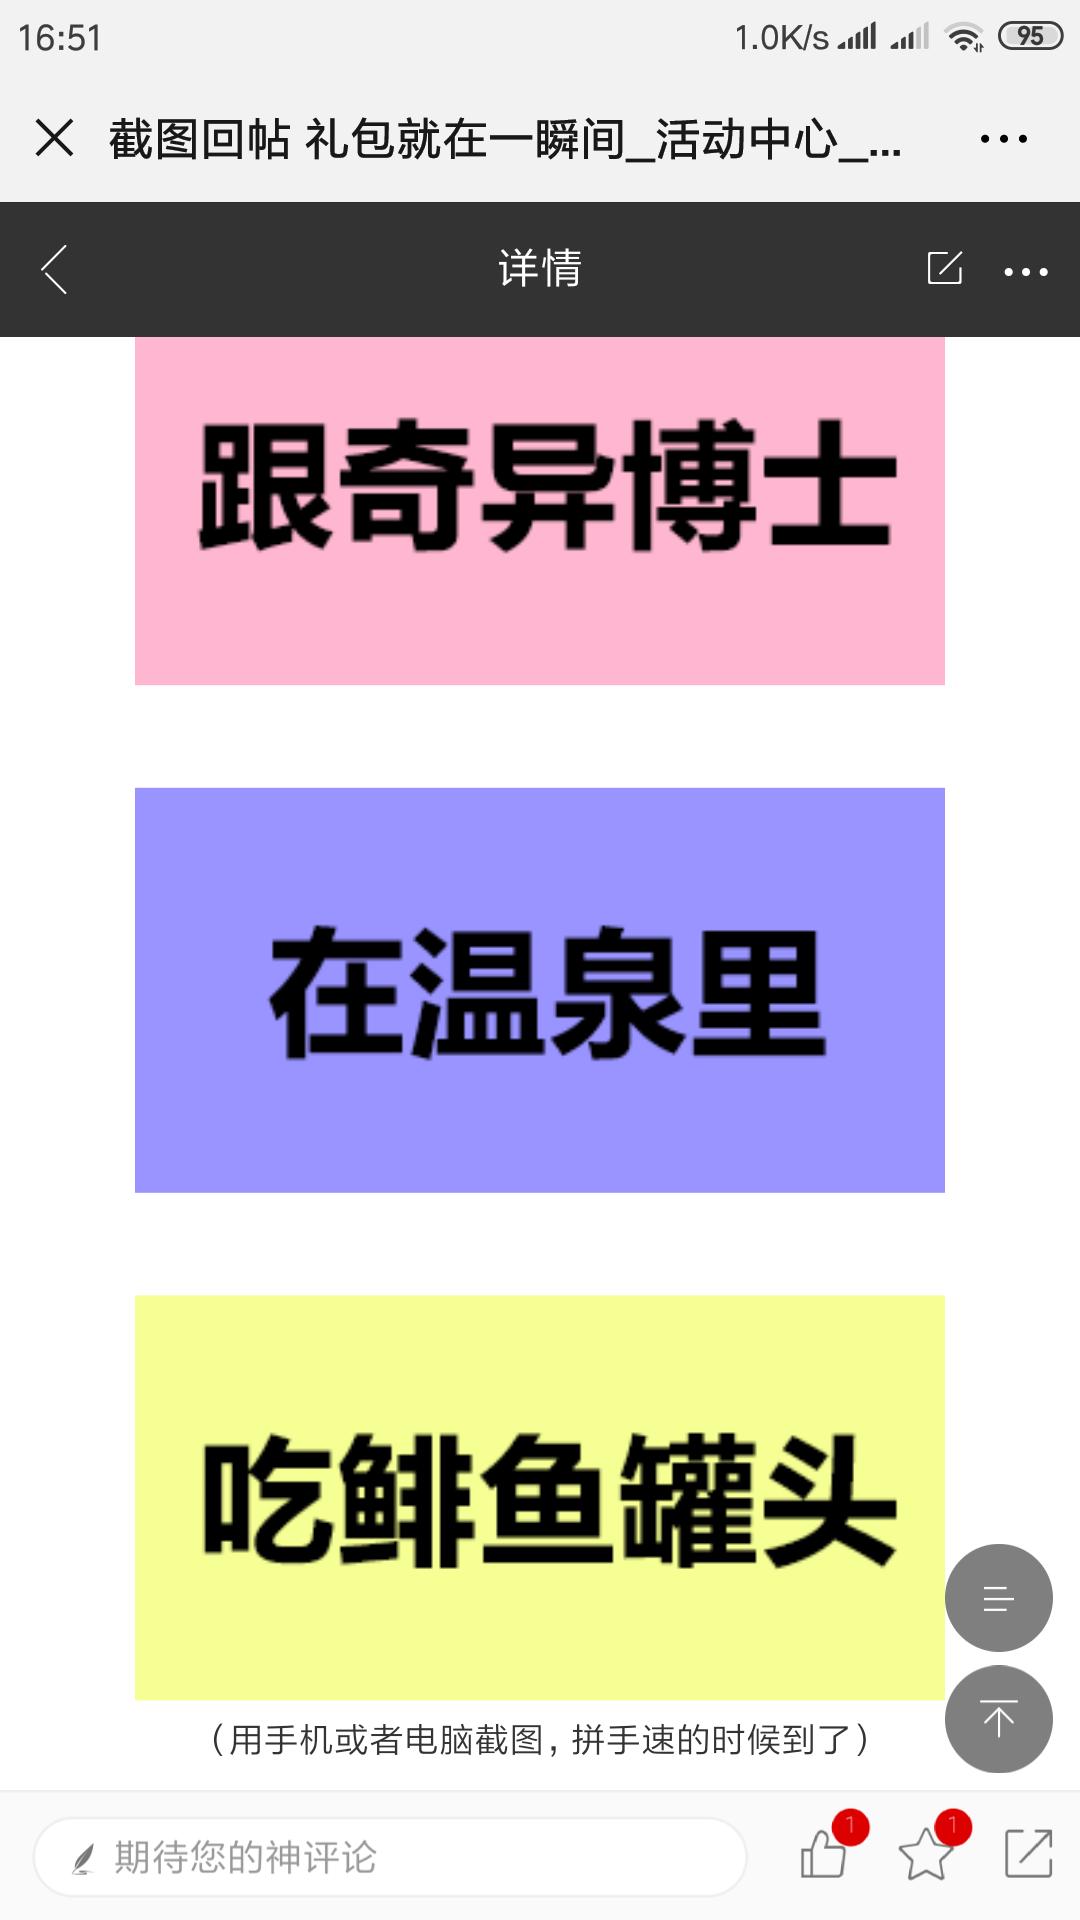 Screenshot_2019-07-25-16-51-18-102_com.tencent.mm.png